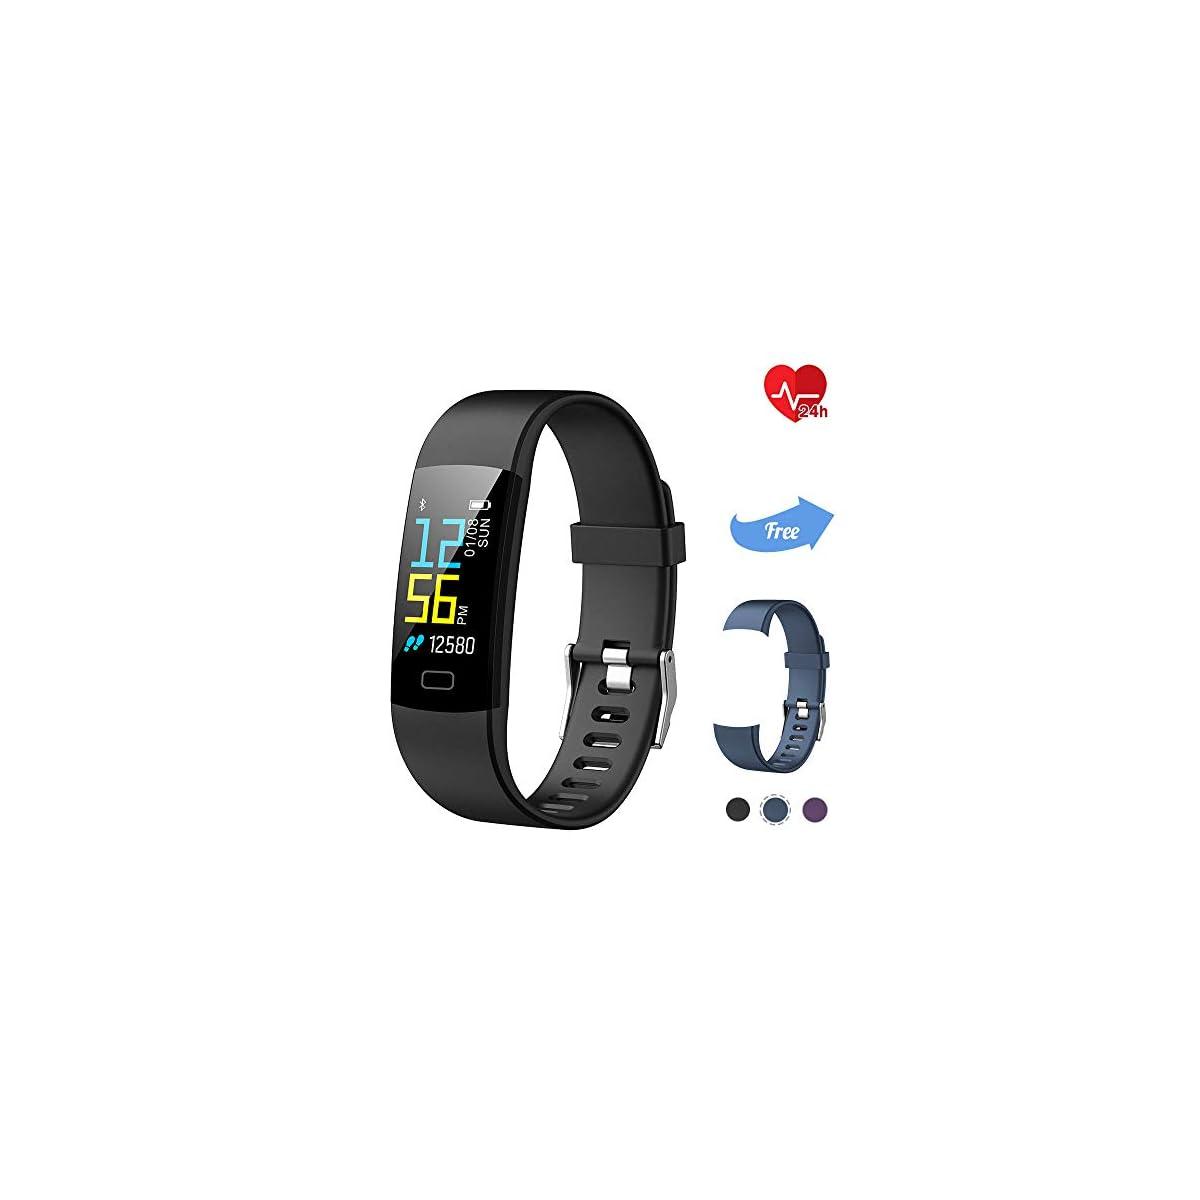 41%2BDRZdSc5L. SS1200  - TwobeFit Pulsera Actividad, Pulsera Inteligente Pantalla Color HR con Pulsómetro Pulsera Deportiva y Monitor de Ritmo Cardíaco Monitor de Actividad para Mujer Hombre